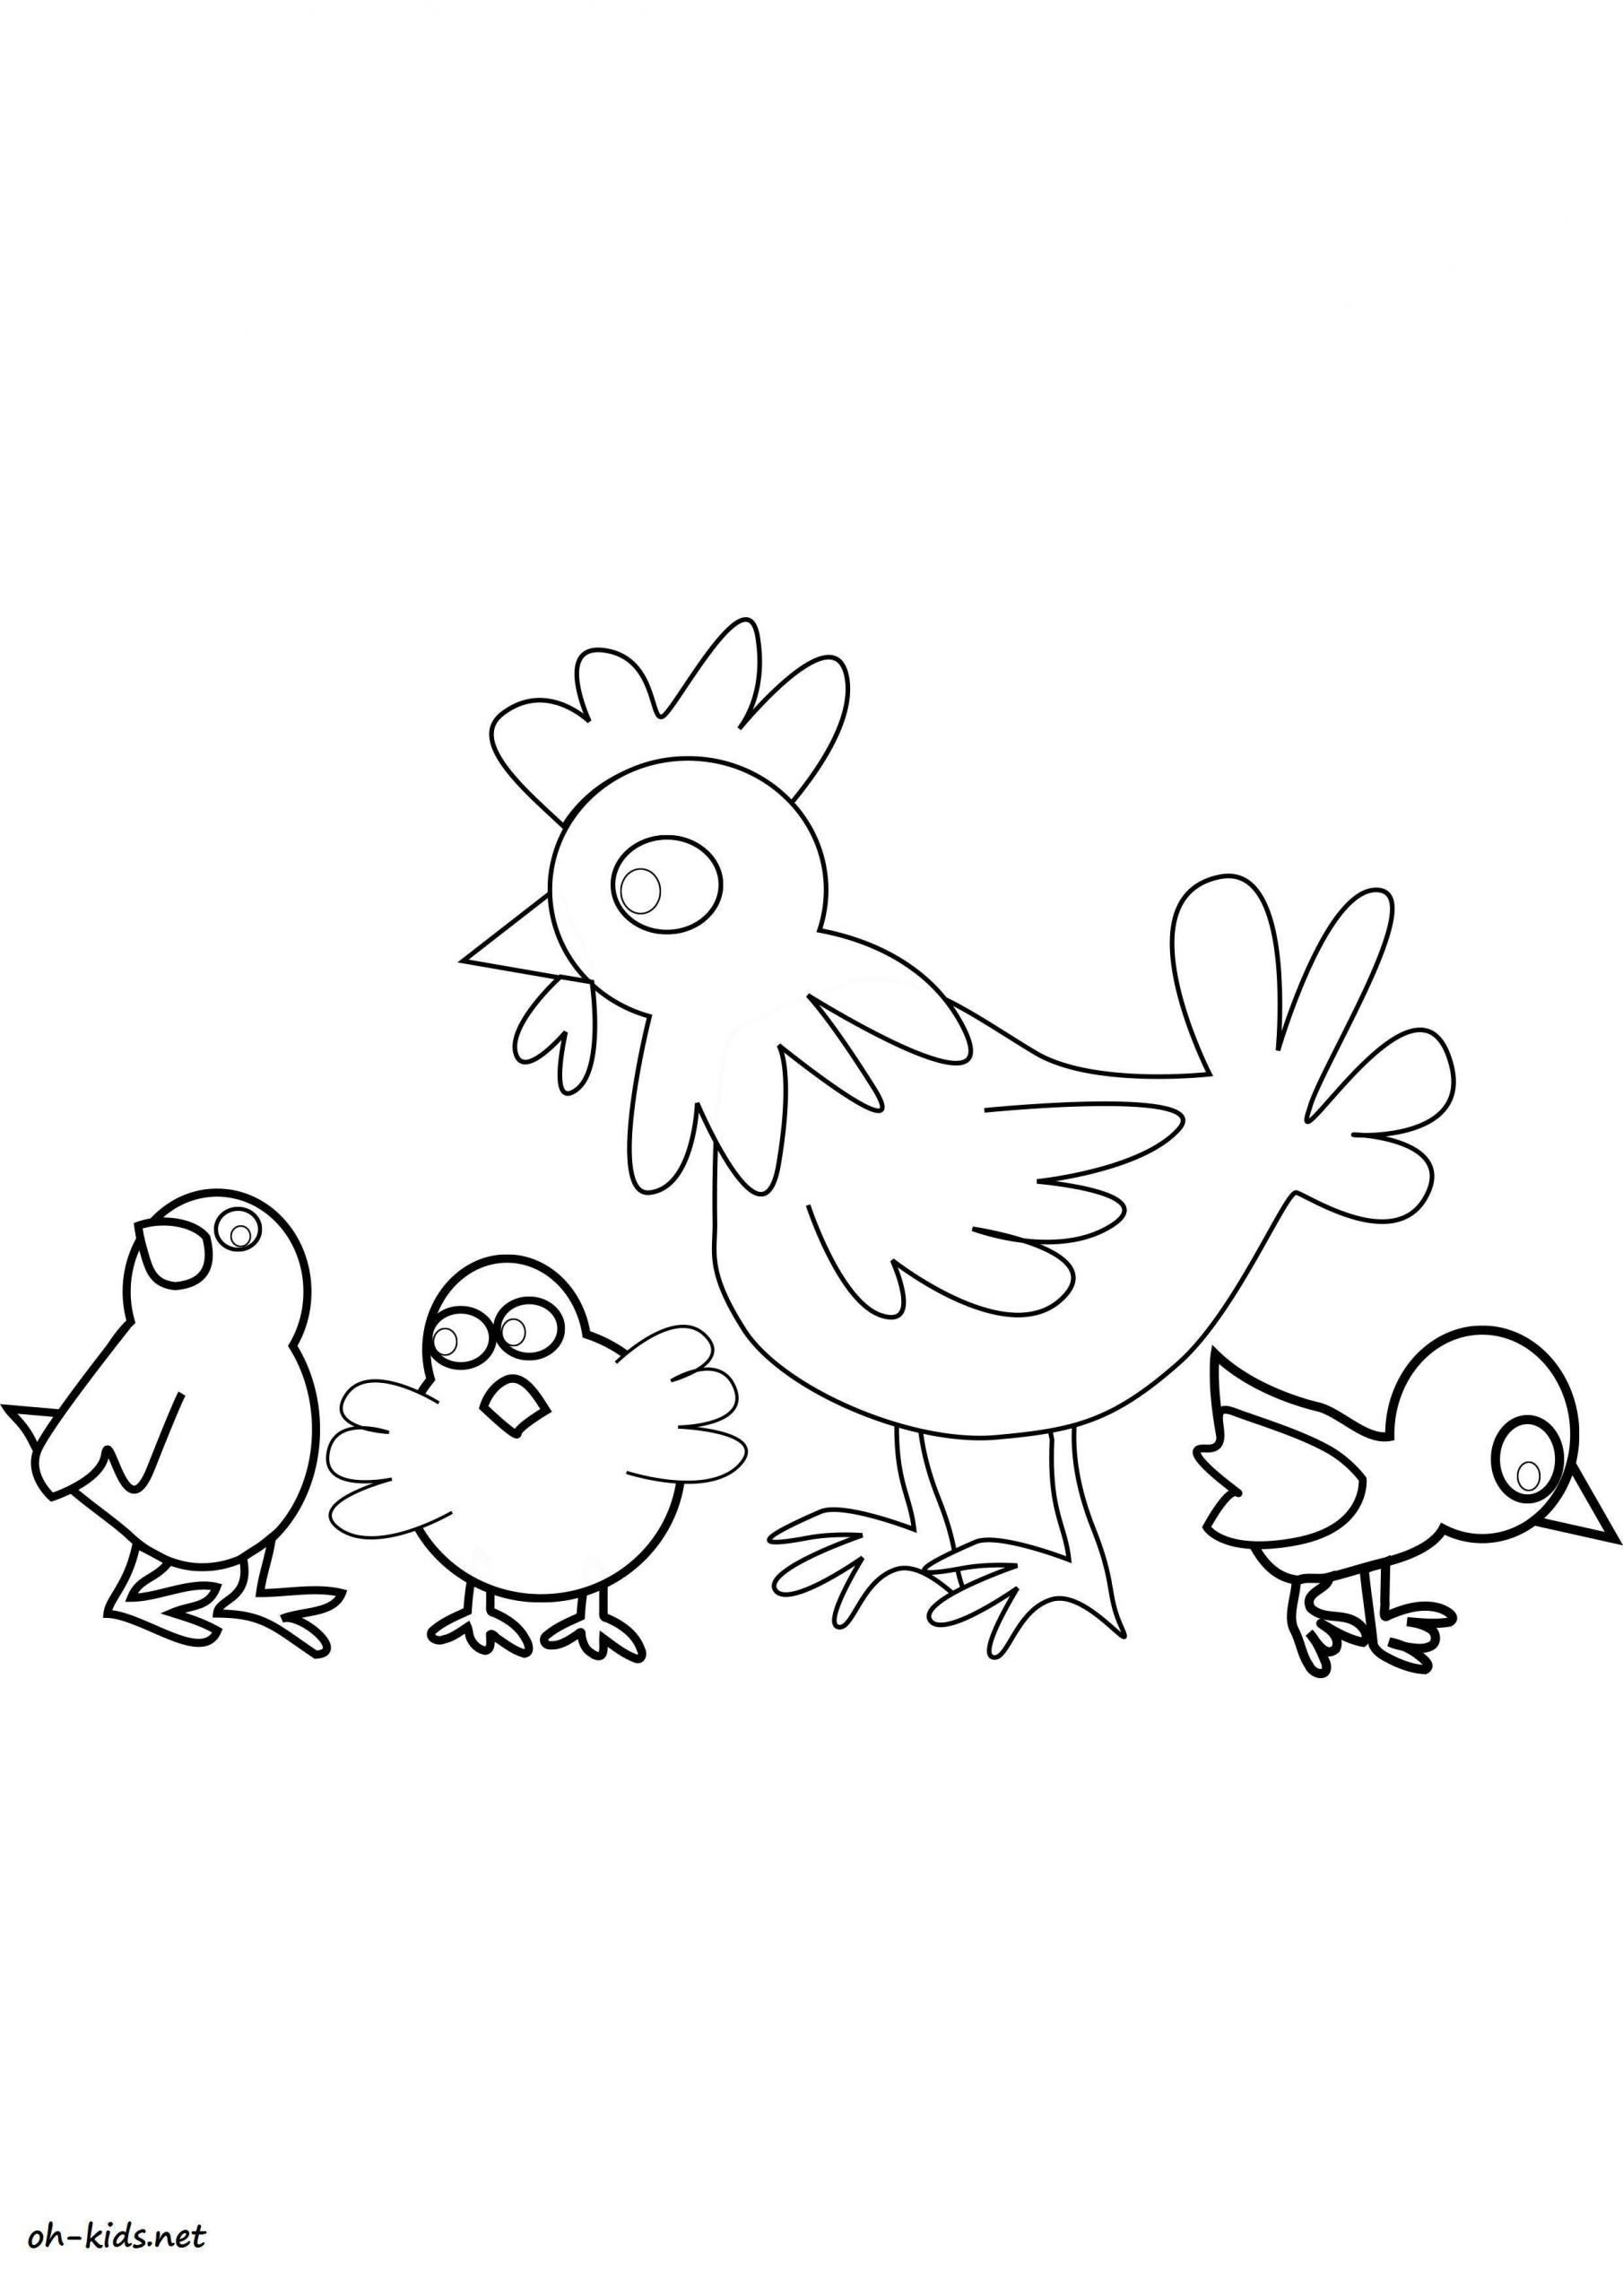 Dessin #1120 - Coloriage Animaux De La Ferme À Imprimer - Oh concernant Animaux De La Ferme A Imprimer